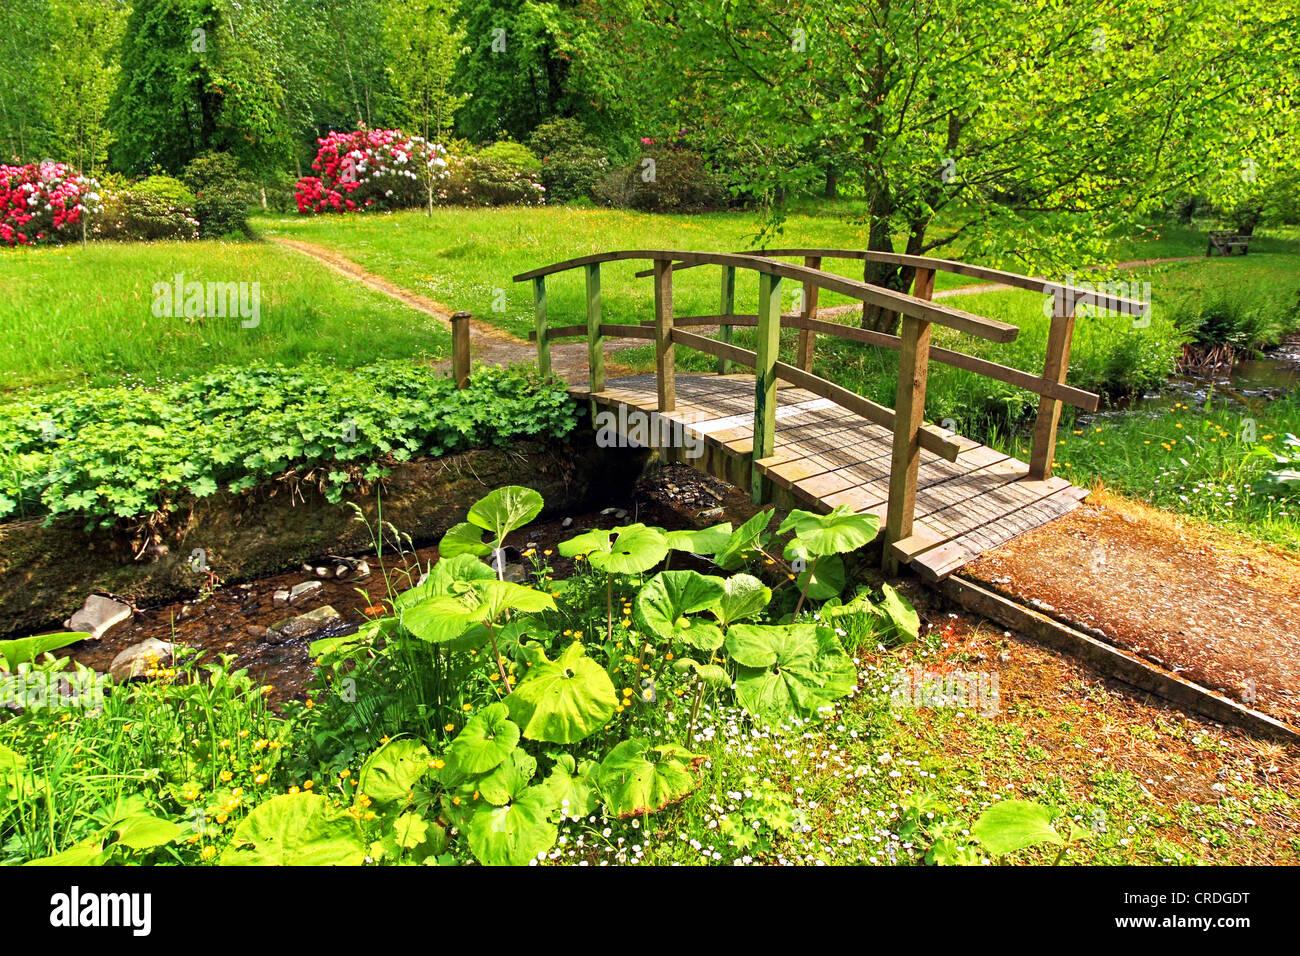 Vieux pont en bois dans un beau jardin, le printemps Photo Stock